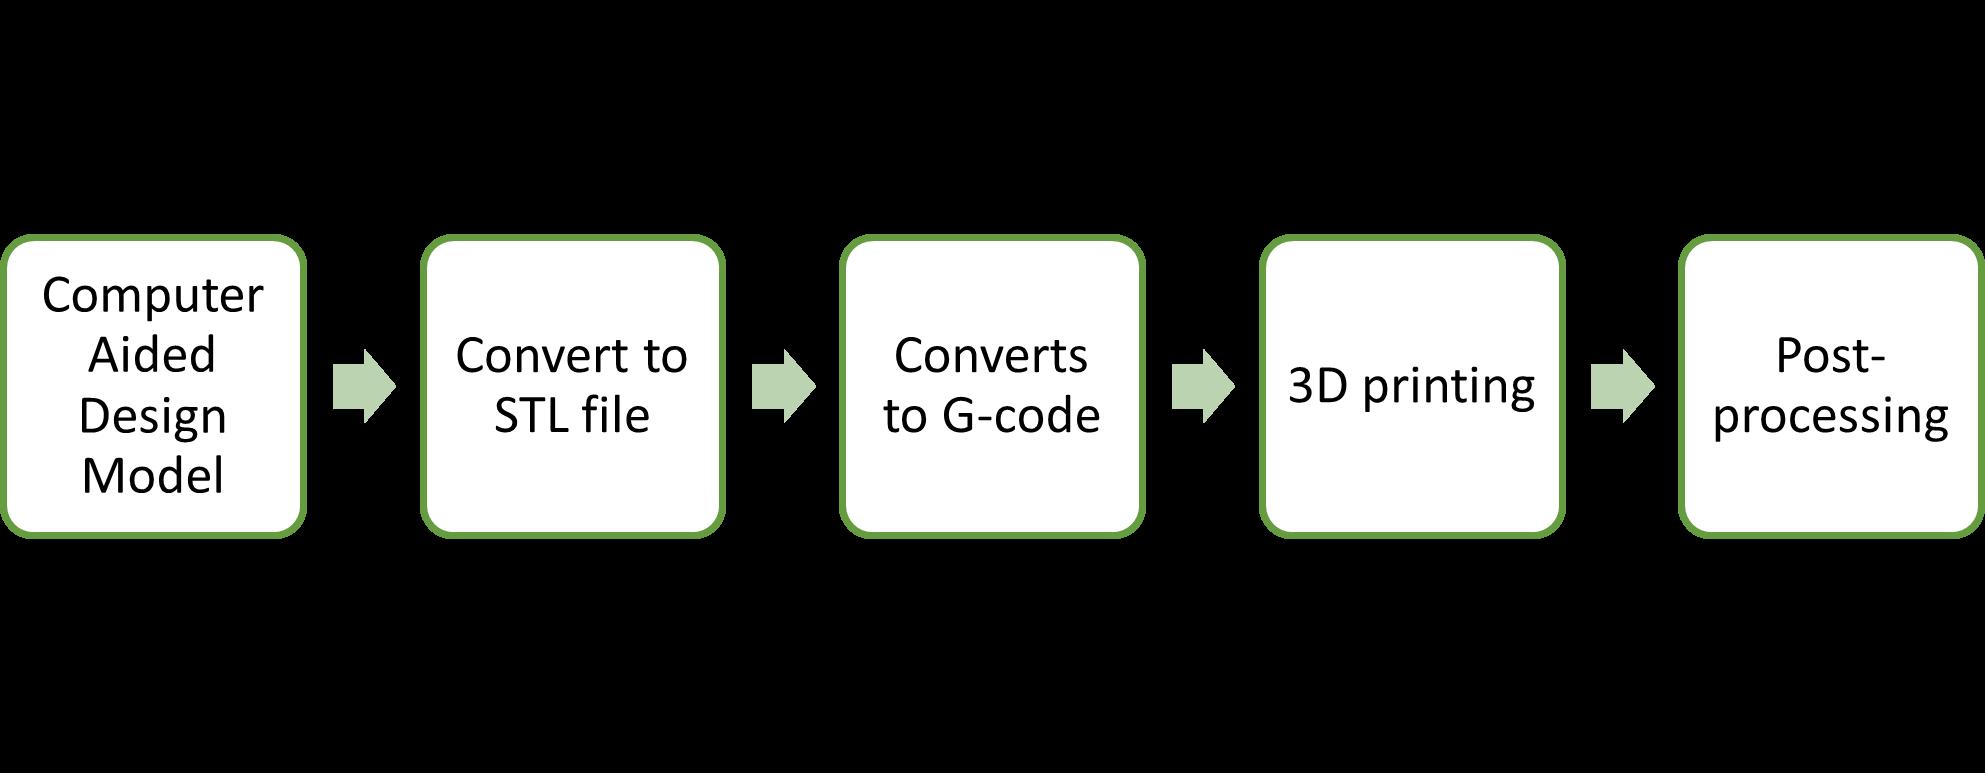 General process of 3D printing